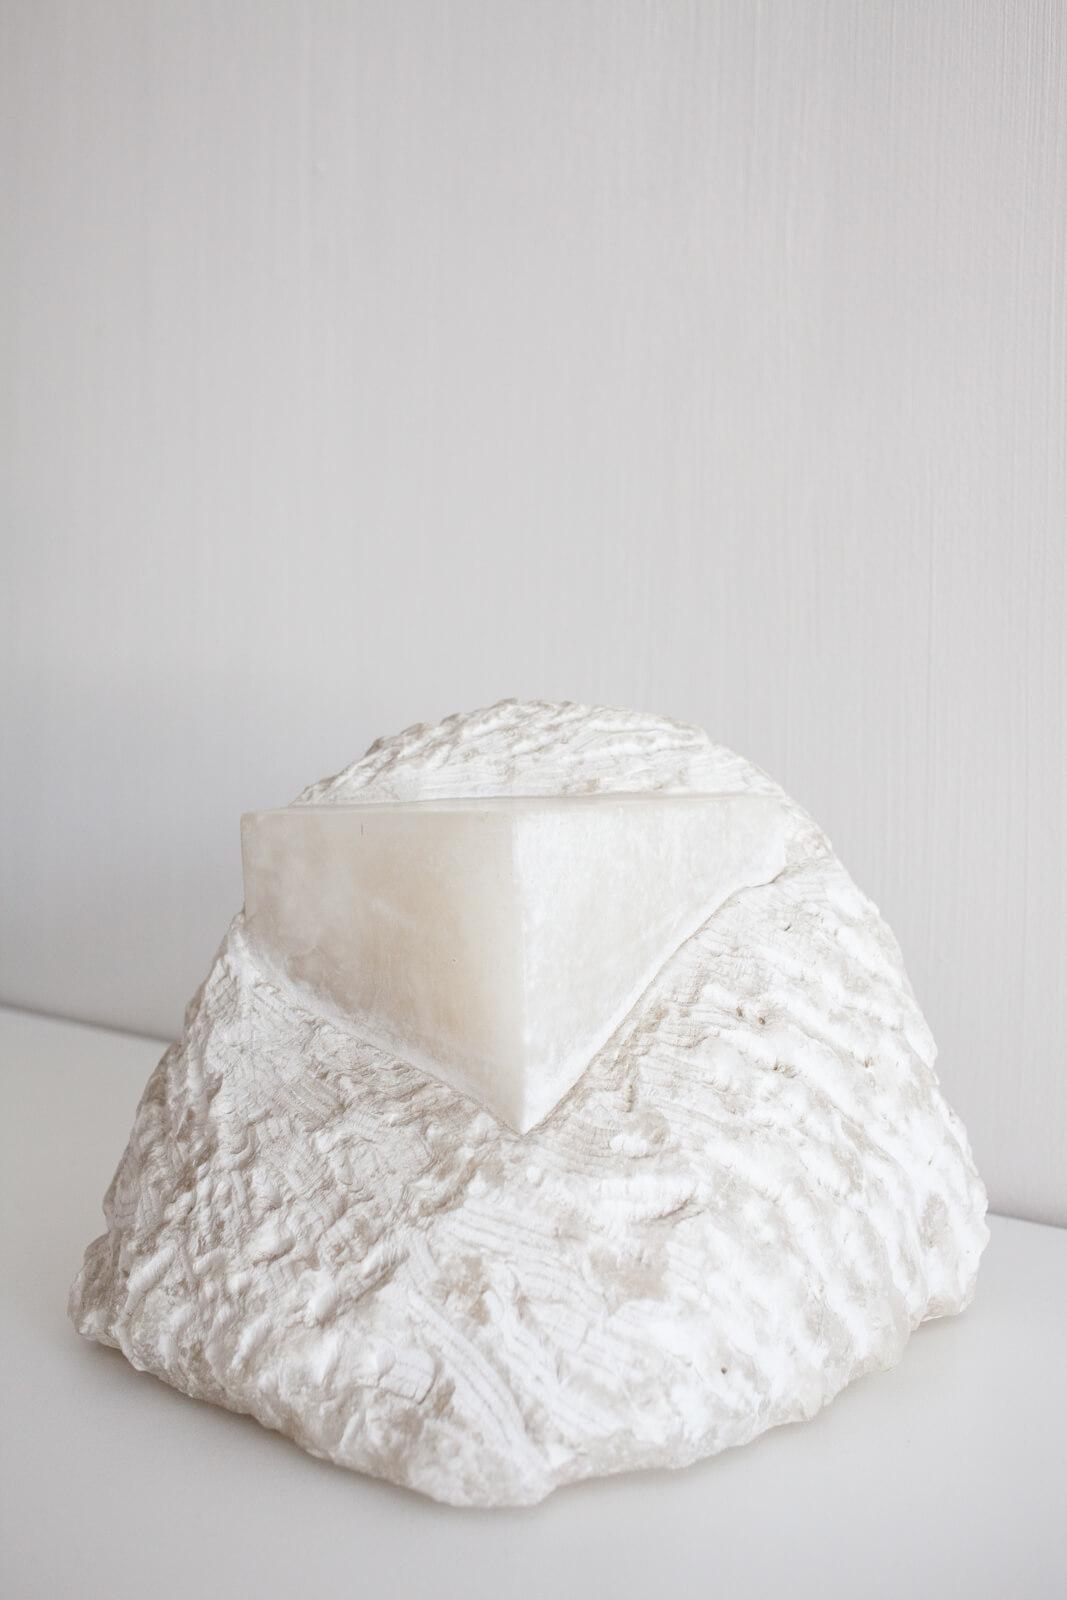 brian-richer-castor-mjolk-exhibition-2018-4